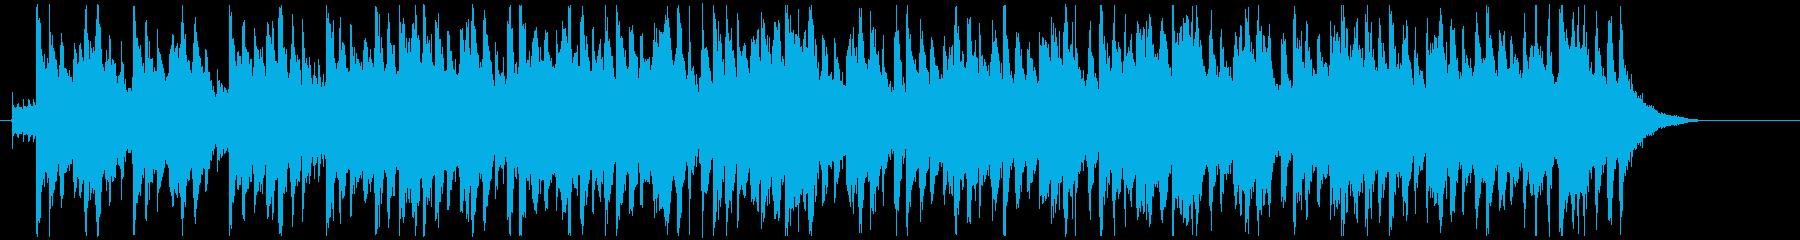 質実剛健なイメージの行進風BGMの再生済みの波形